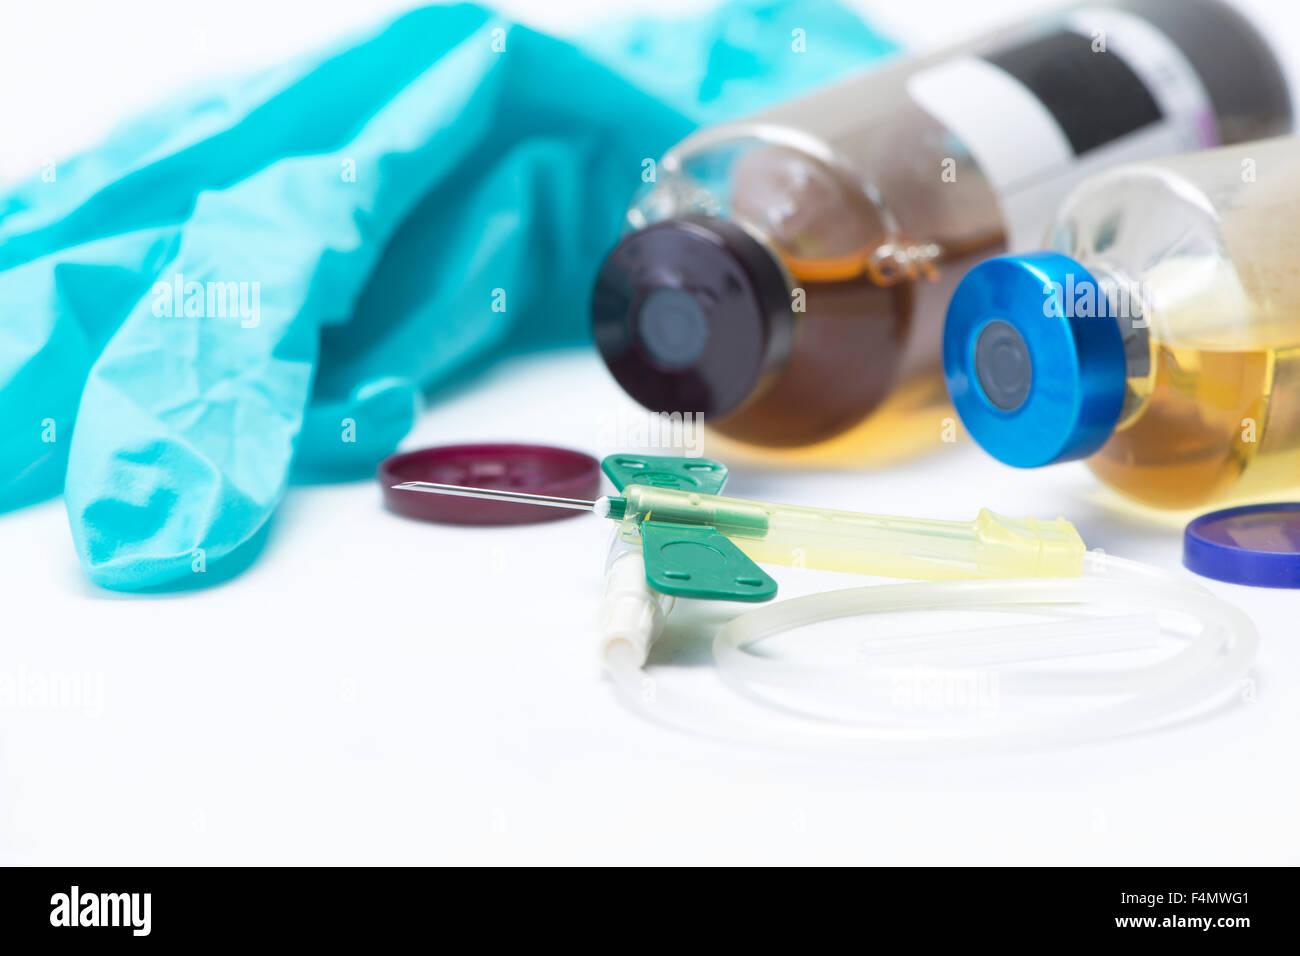 Green catetere di sicurezza con corsi di aerobica e anaerobica cultura sangue bottiglie. Immagini Stock